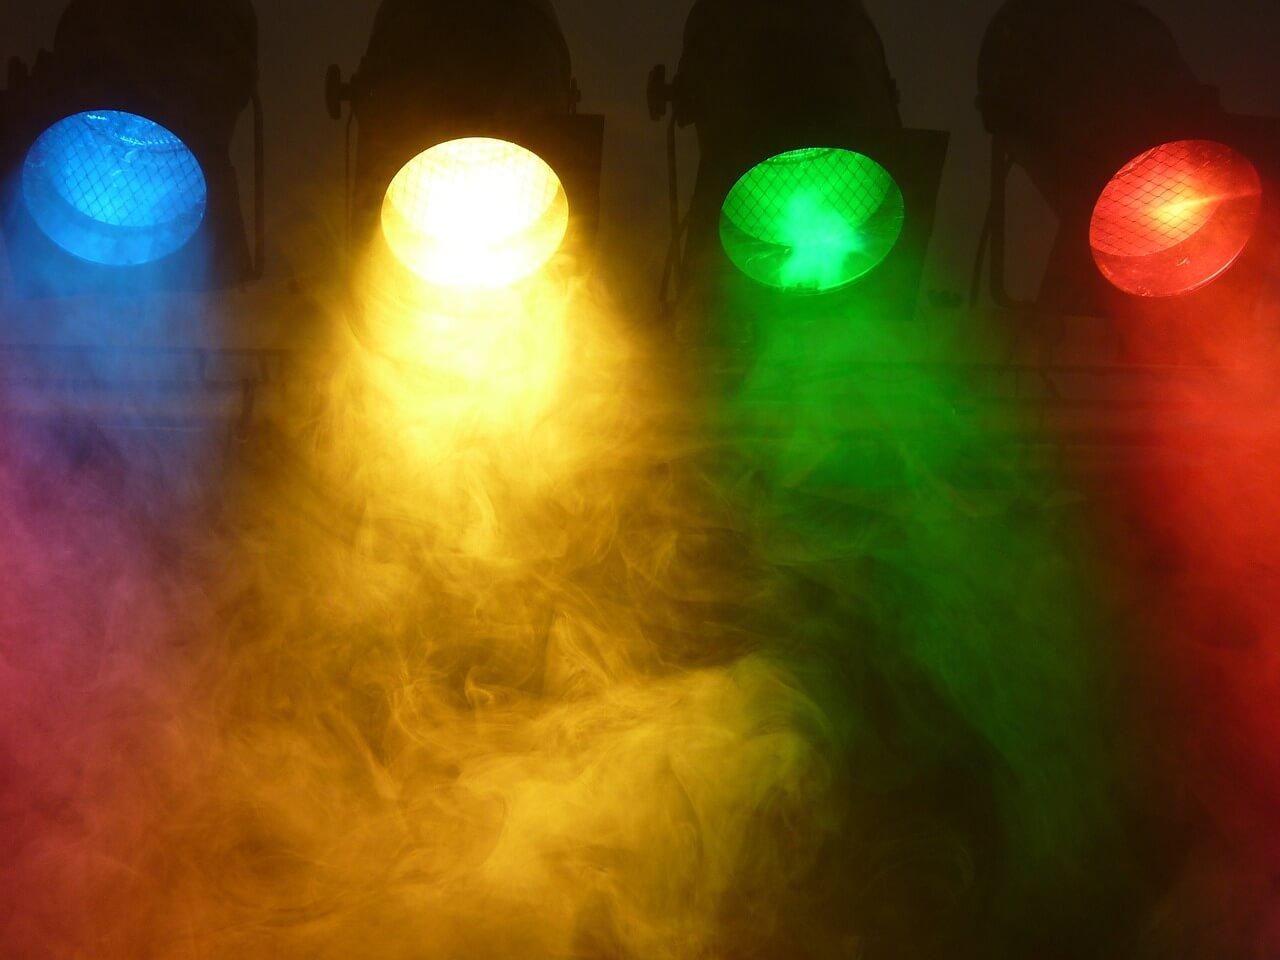 רקע של אורות